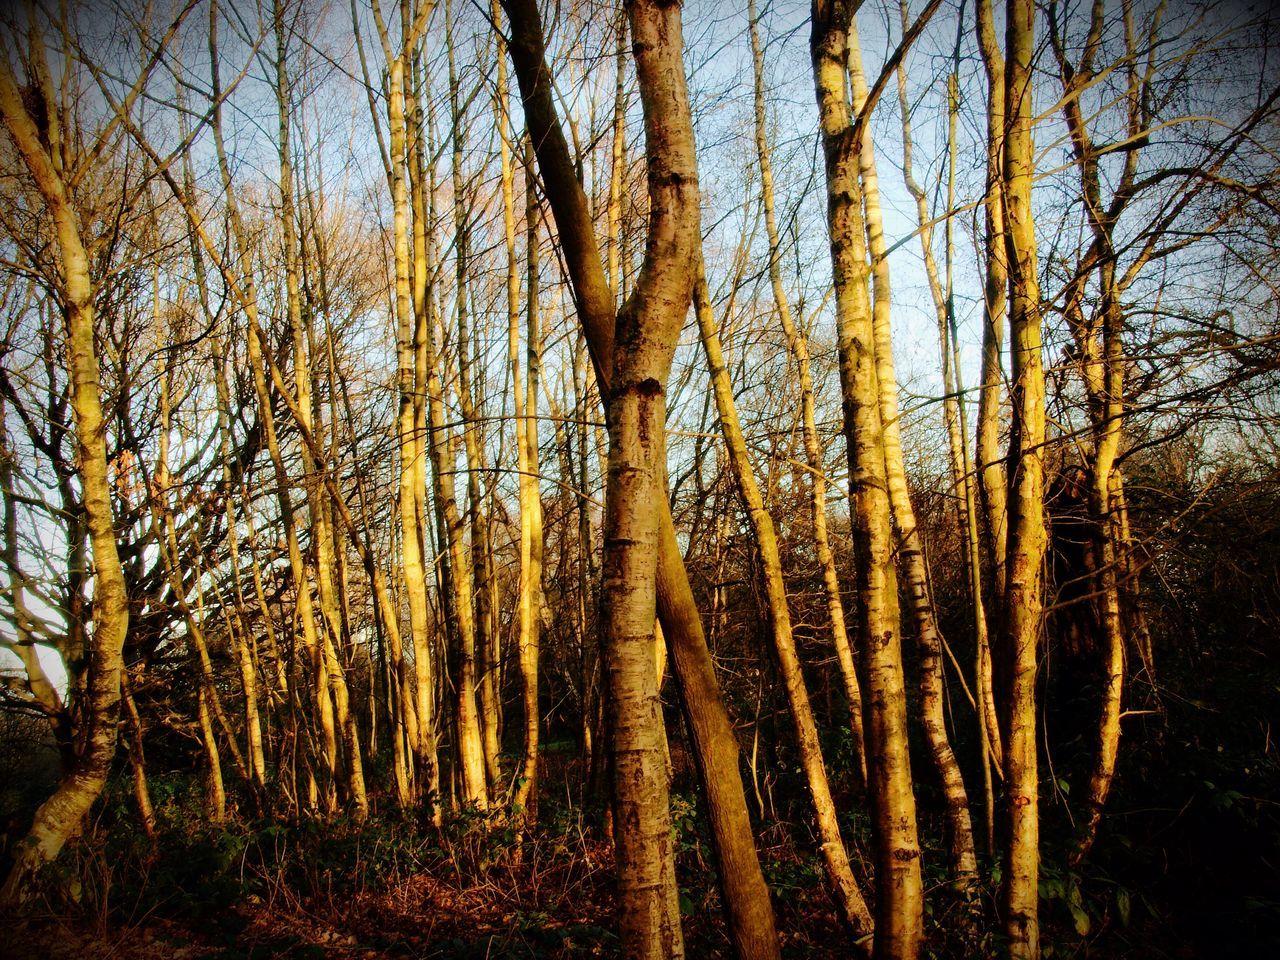 Tree Trunk Nature Forest WoodLand Tree Zuiko Olympus Nature TreePorn Stevesevilempire Steve Merrick Hampstead Heath